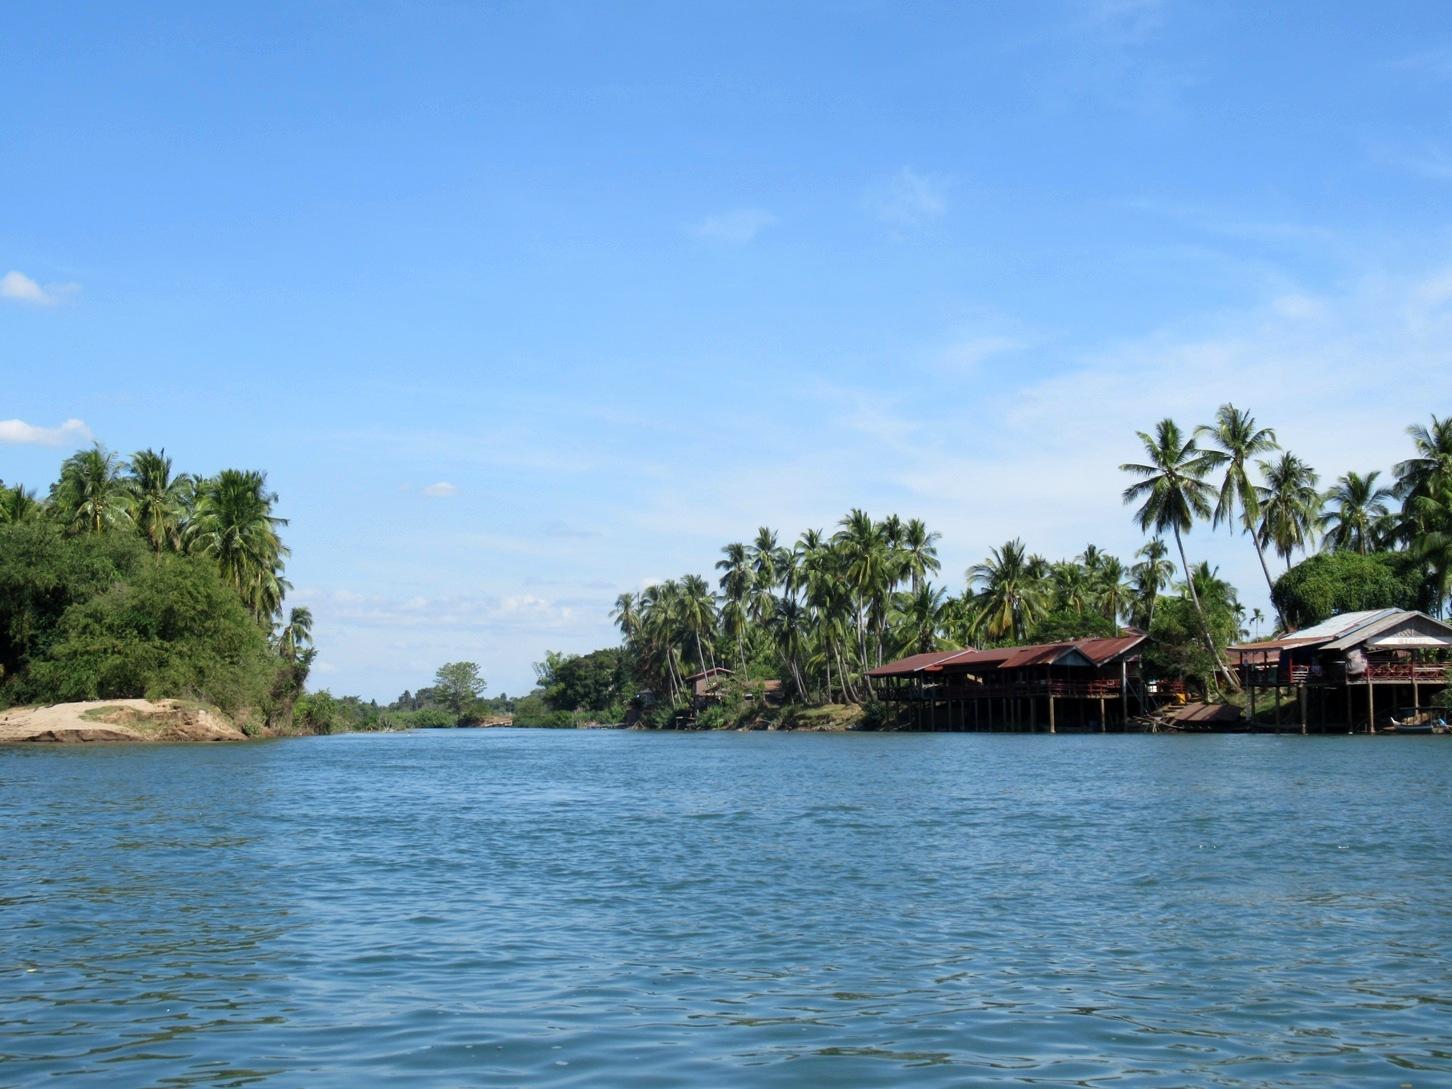 2019-12-laos-si-phan-don-don-det-02-tubing-en-barca-al-norte